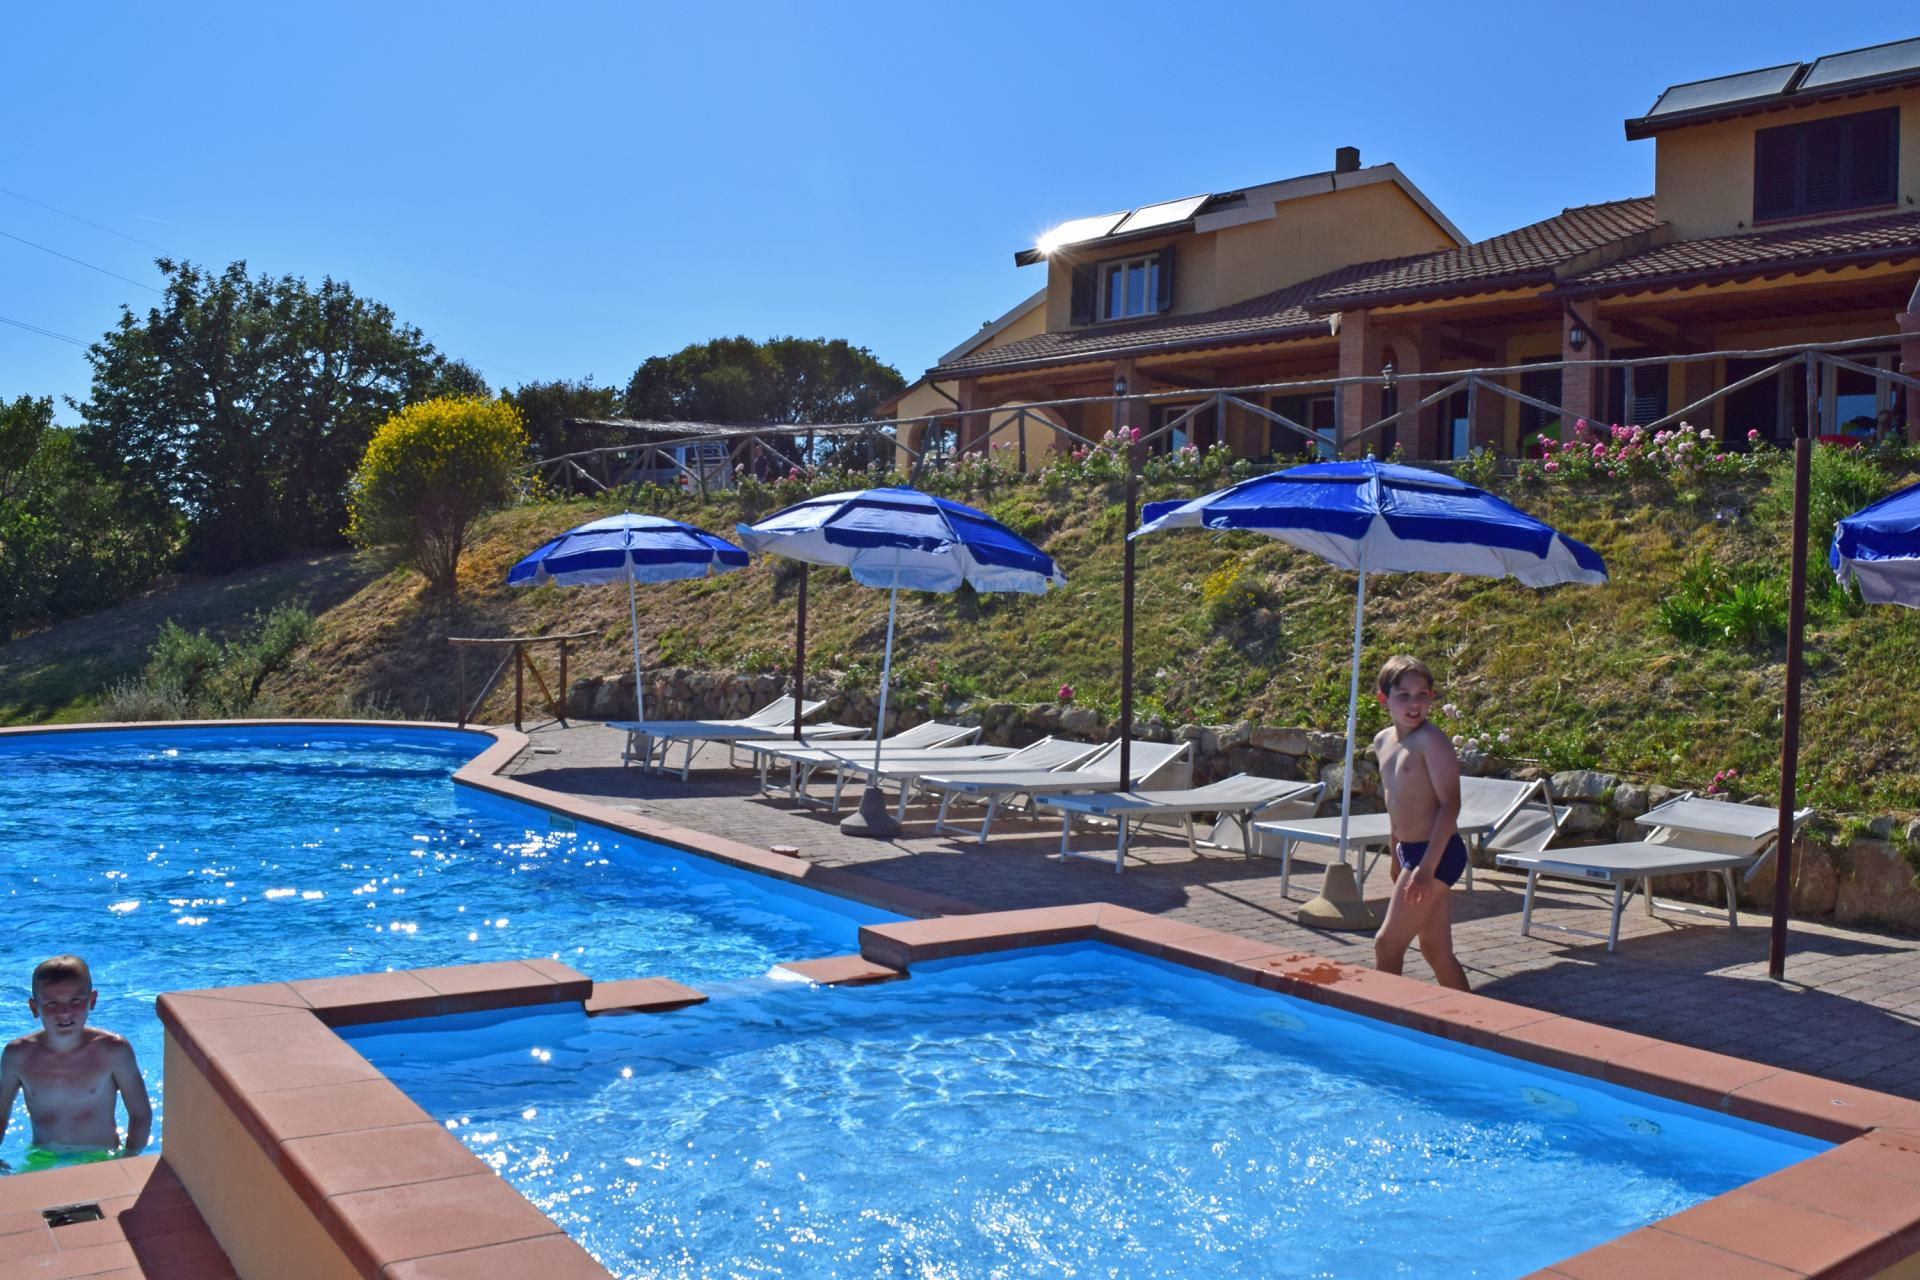 Vakantiehuis Poggio Sorbugnano